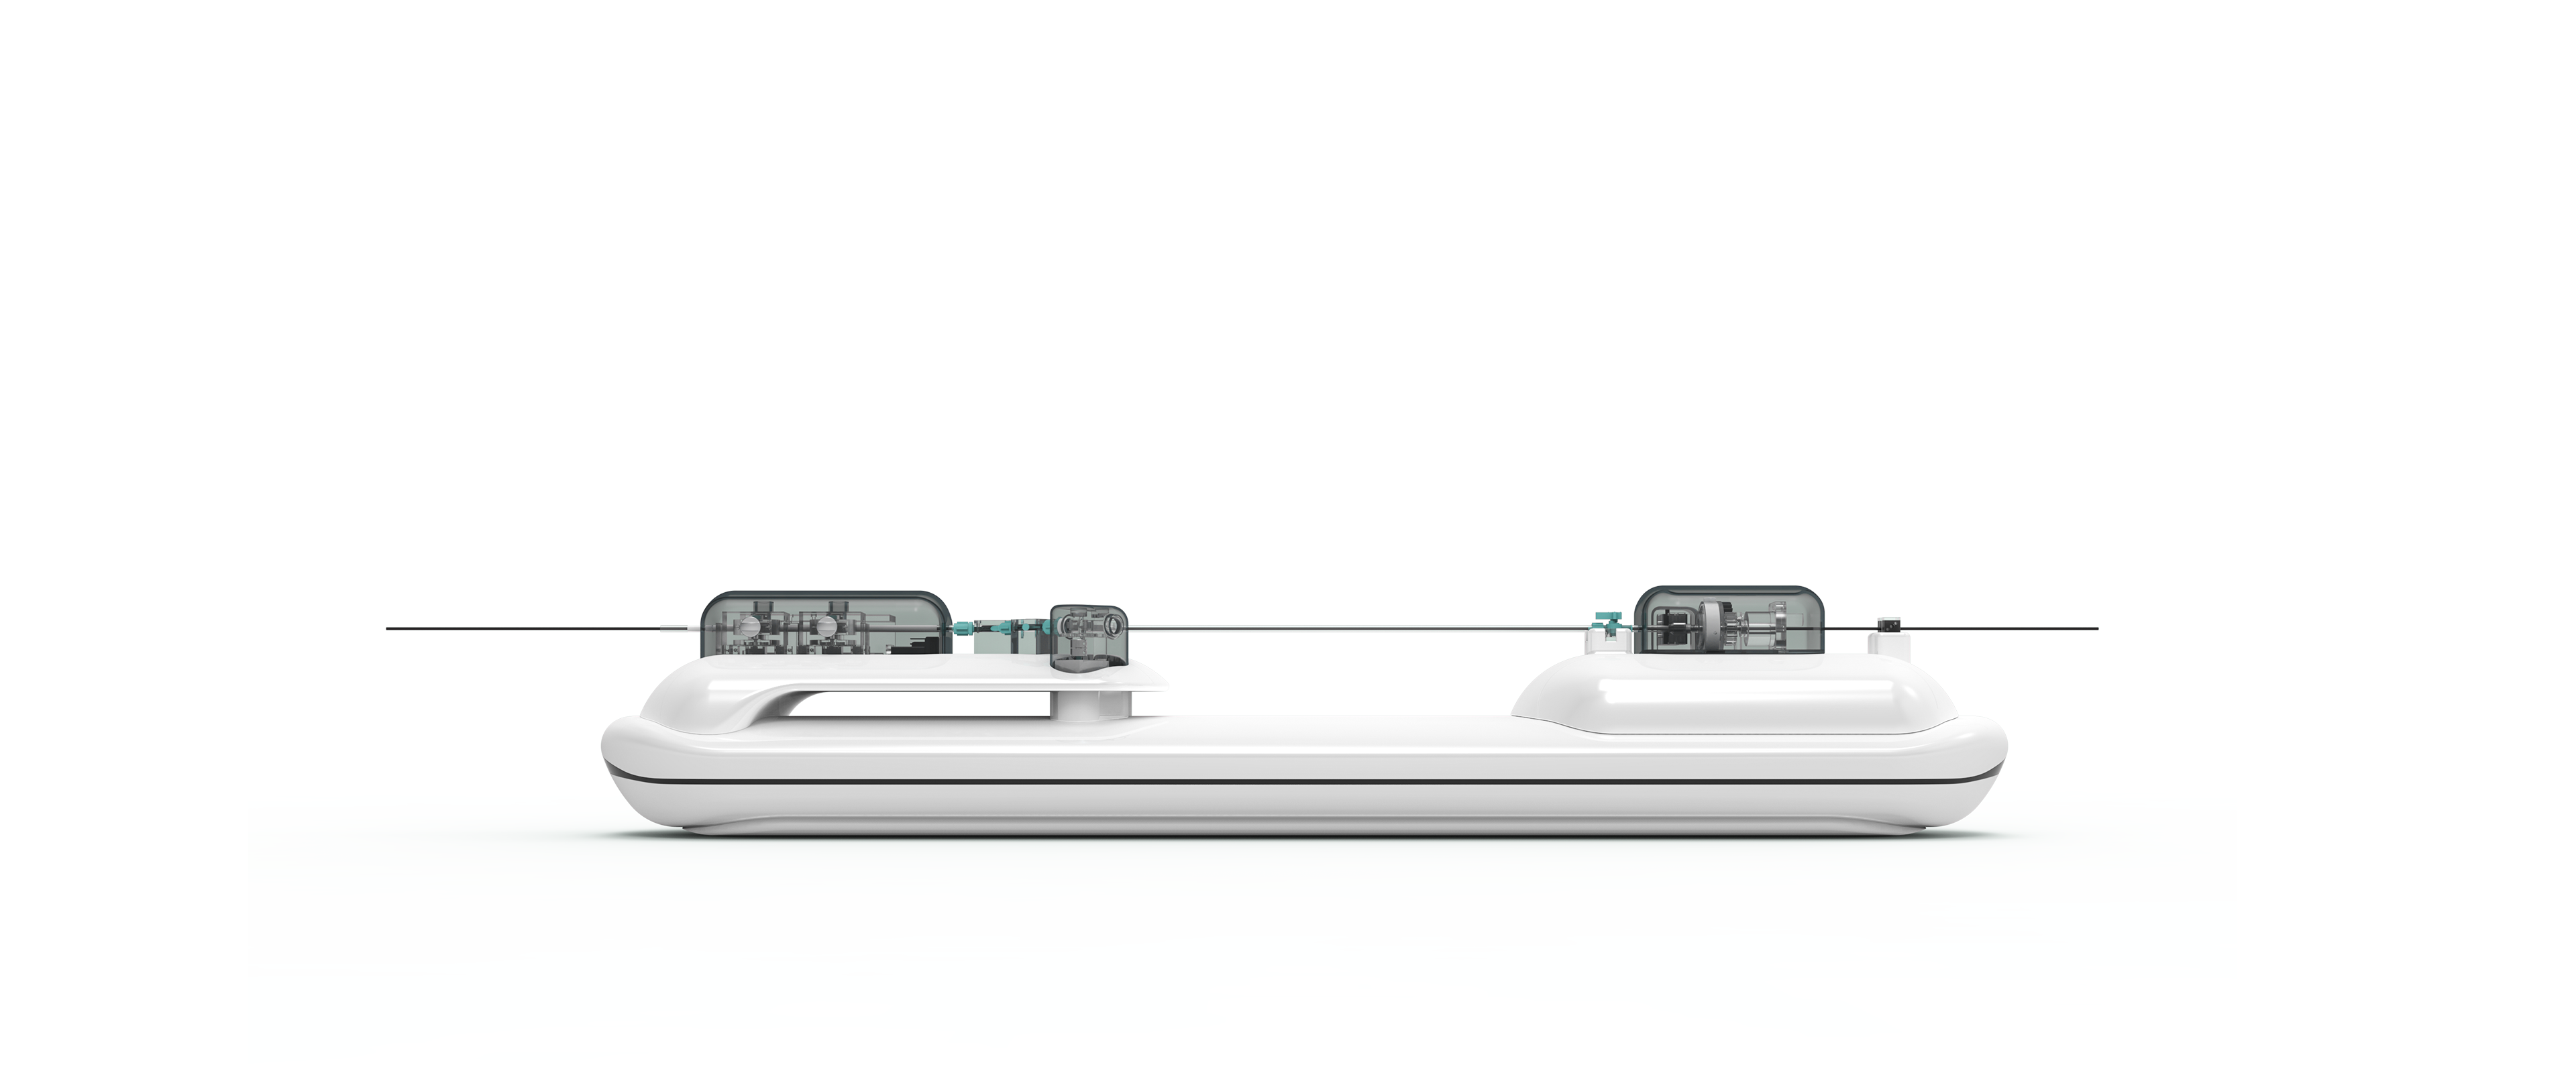 首页轮播图-血管介入手术机器人-SJTU